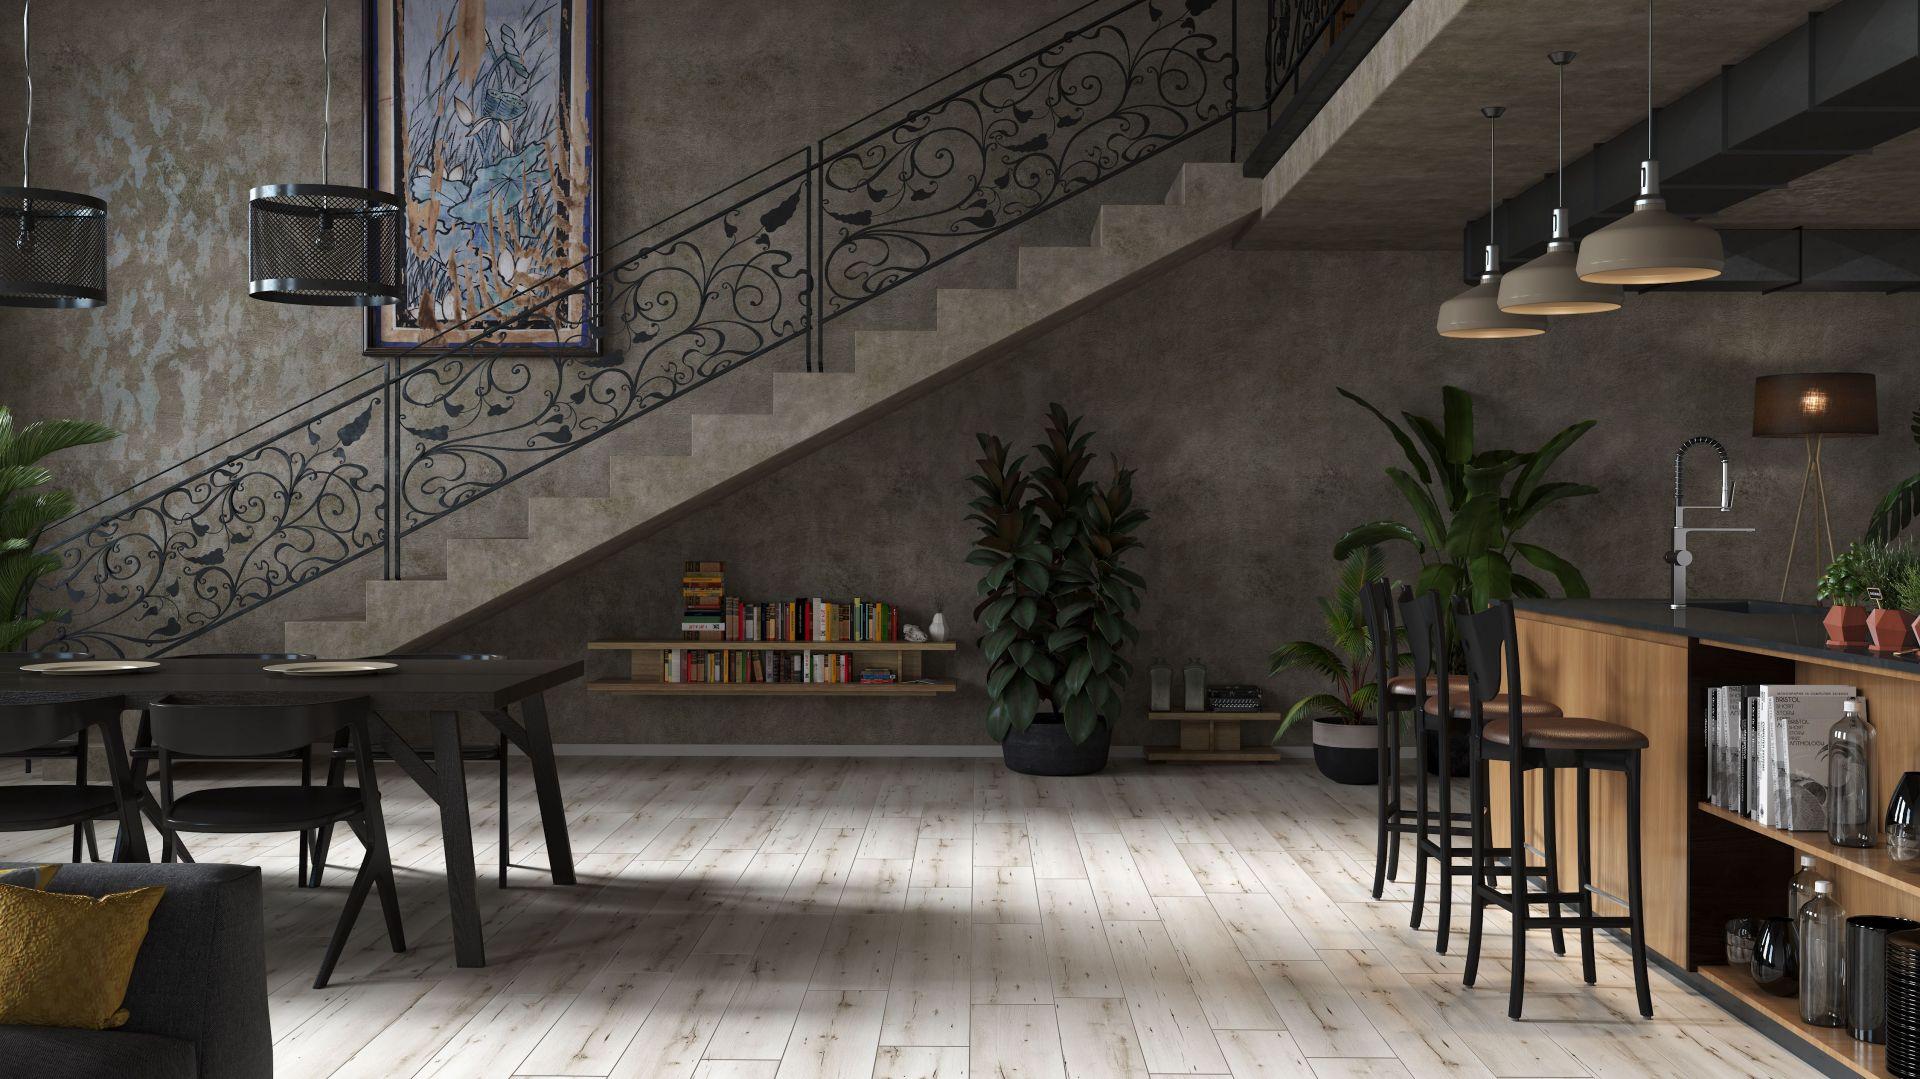 Podłoga laminowana Arteo Dąb Porto  to panele o różnych długościach i szerokościach. Fot. Classen / RuckZuck